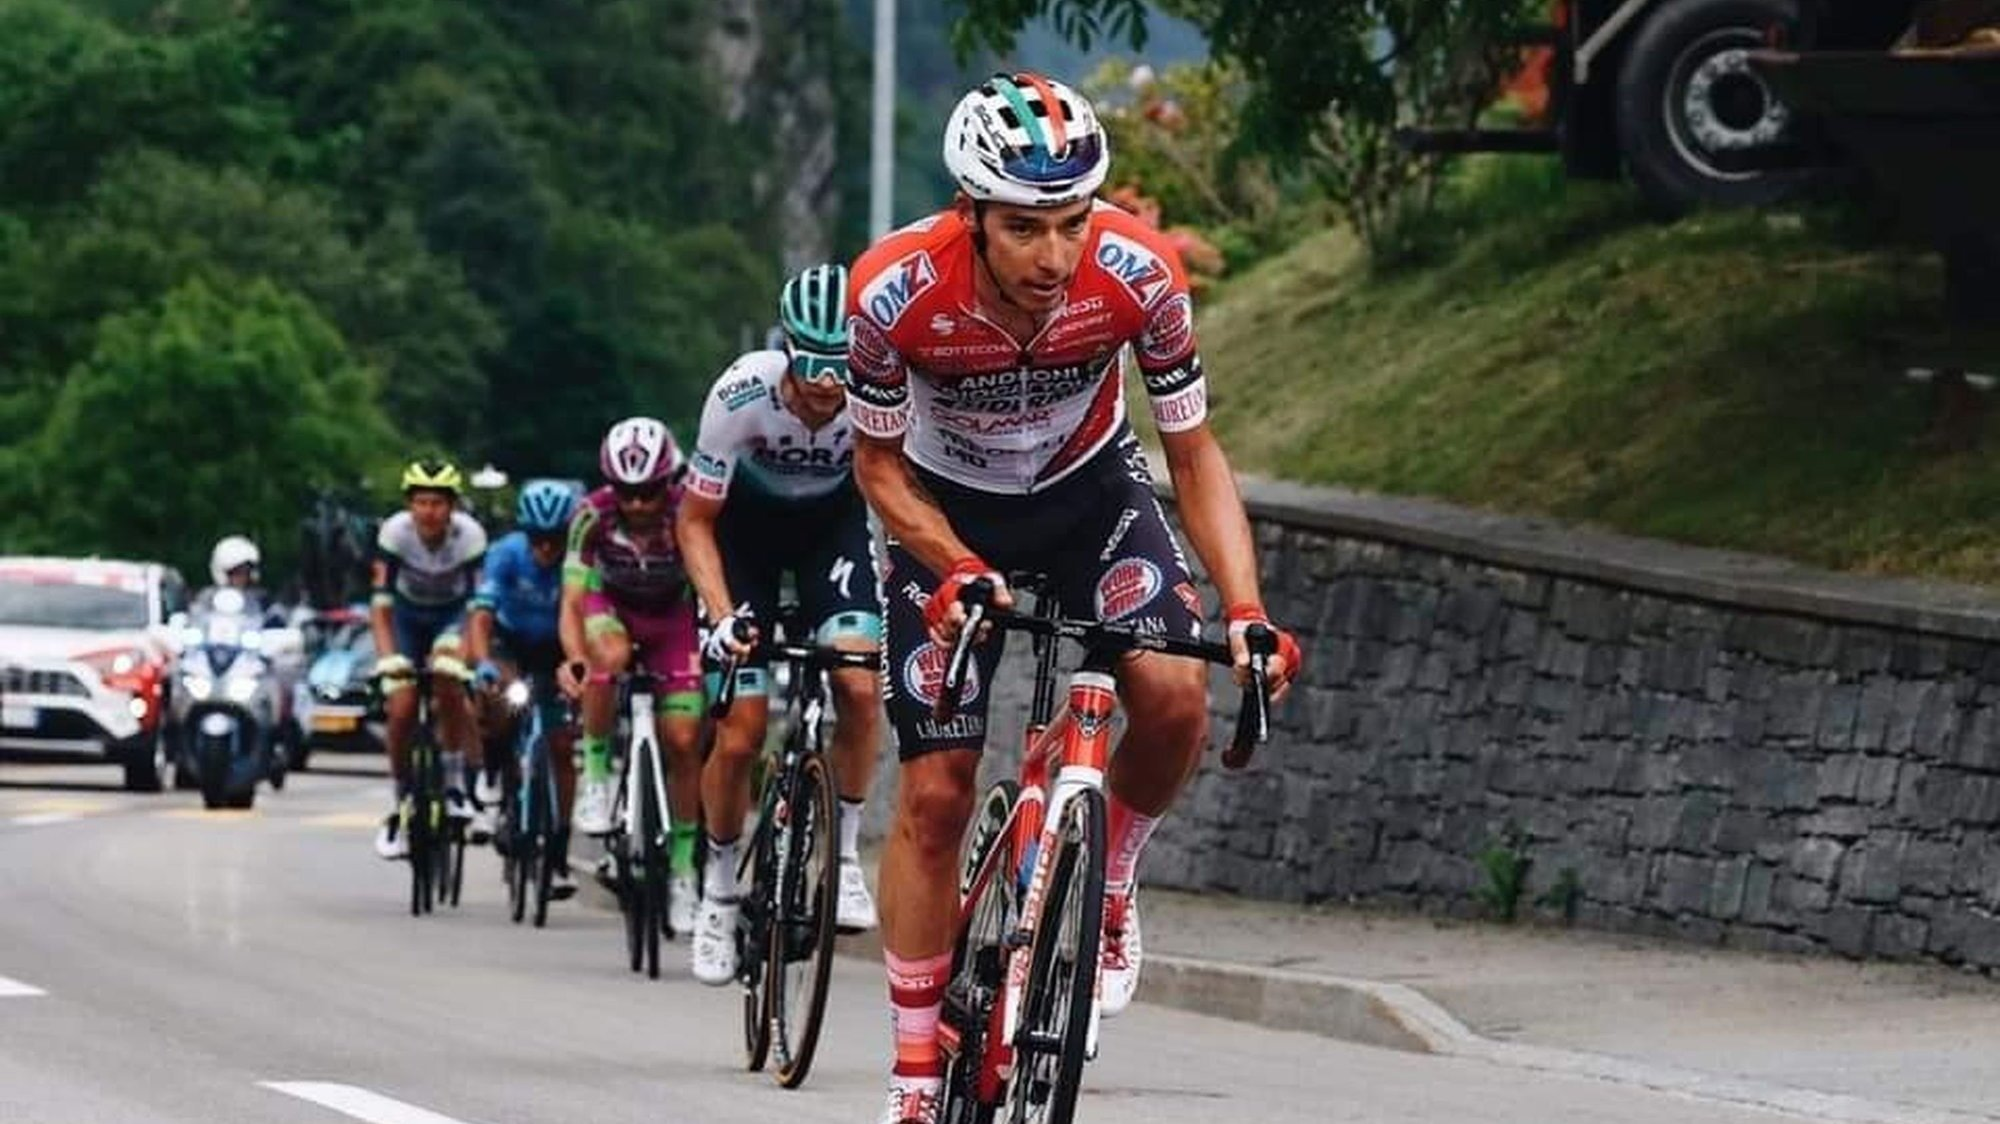 Cyclisme: Simon Pellaud courra-t-il encore en 2021?